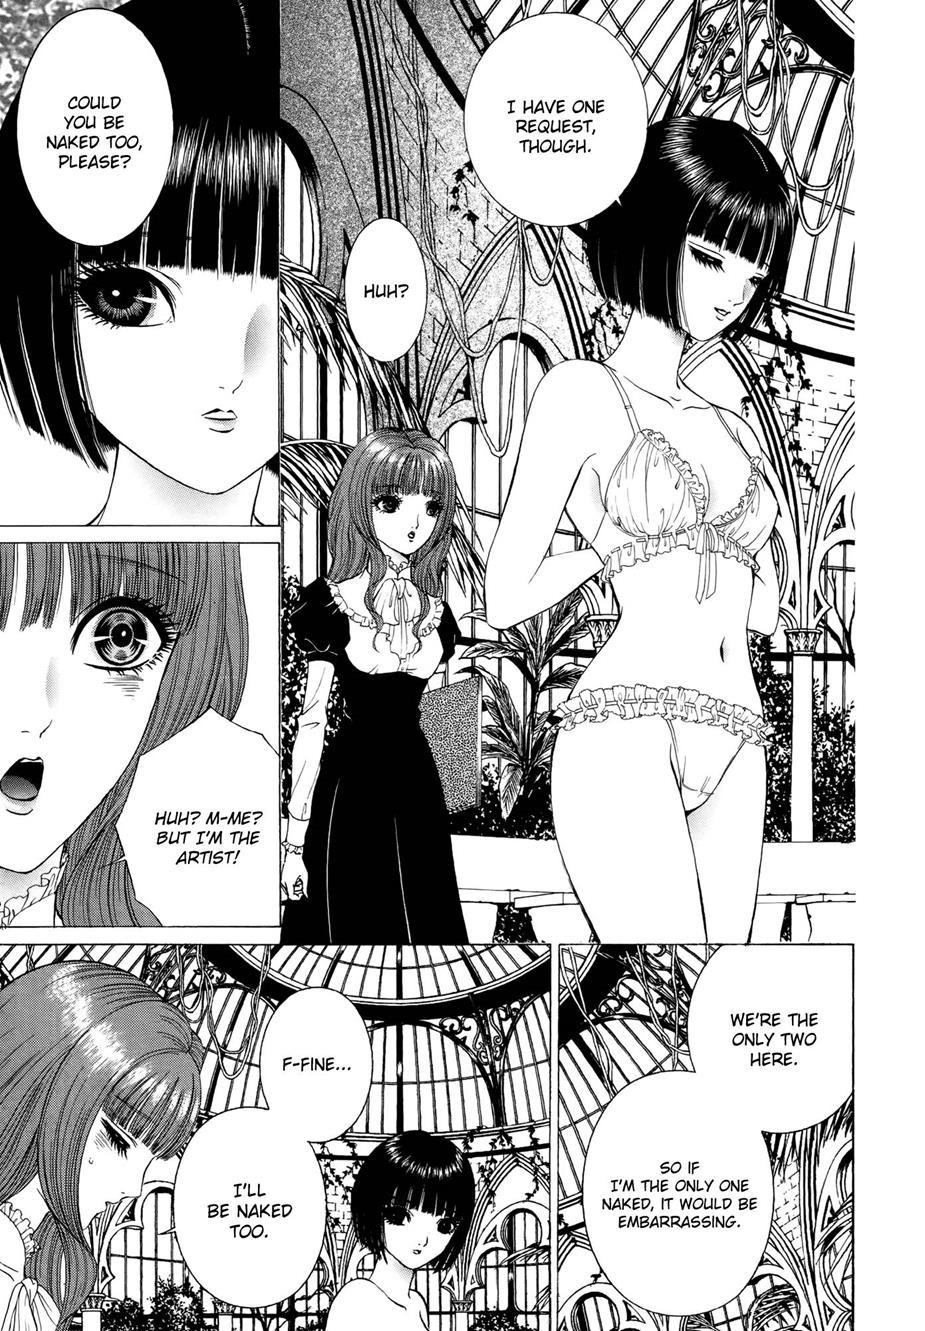 Anime lesbian doujinshi